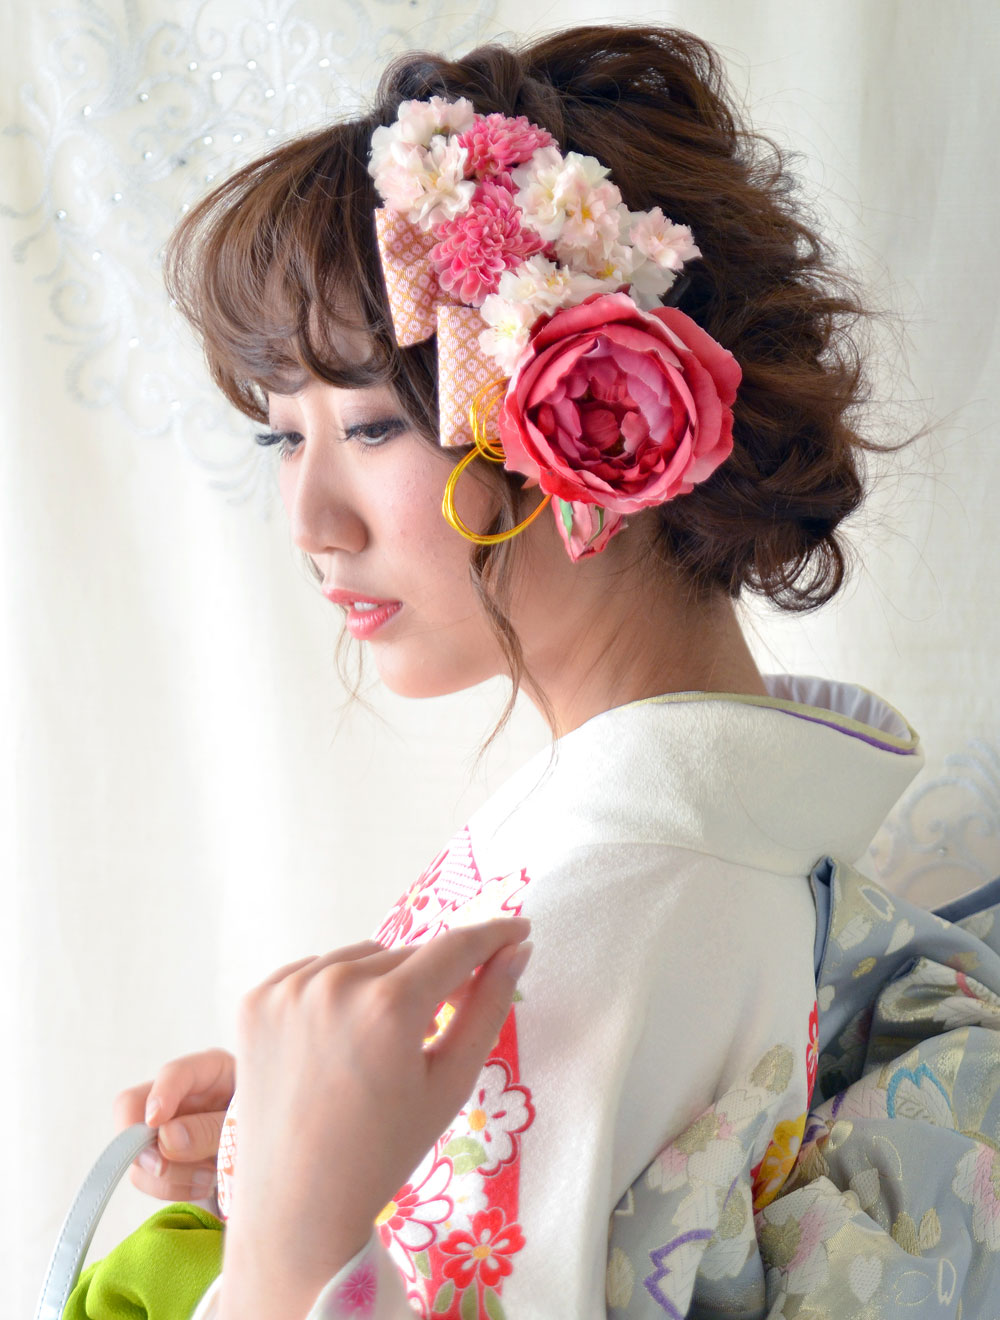 ヘッドドレス成人式 髪飾り【弥生 やよい】小春シリーズ